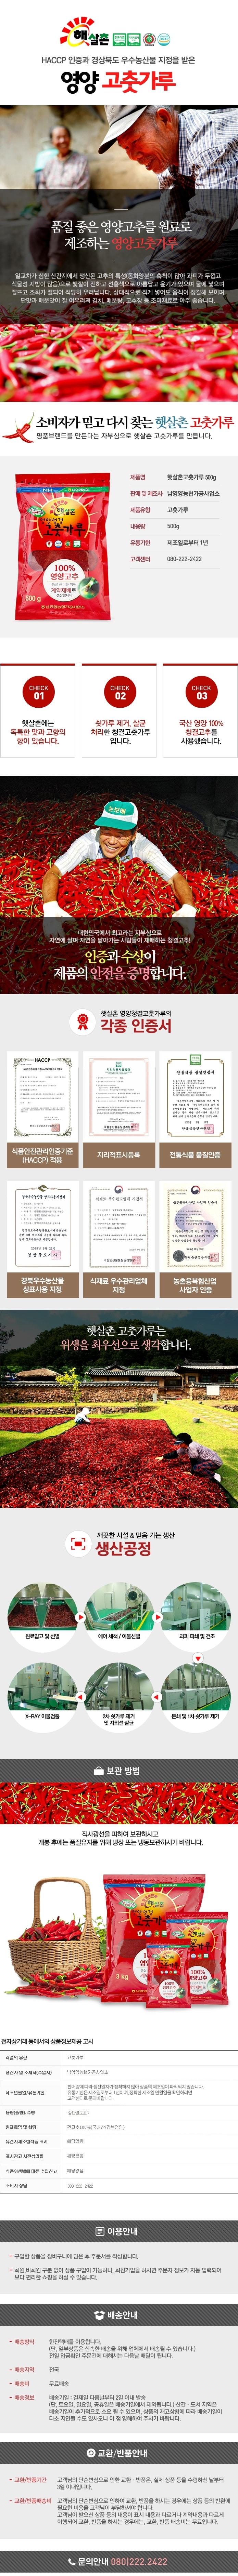 남영양웹기.jpg